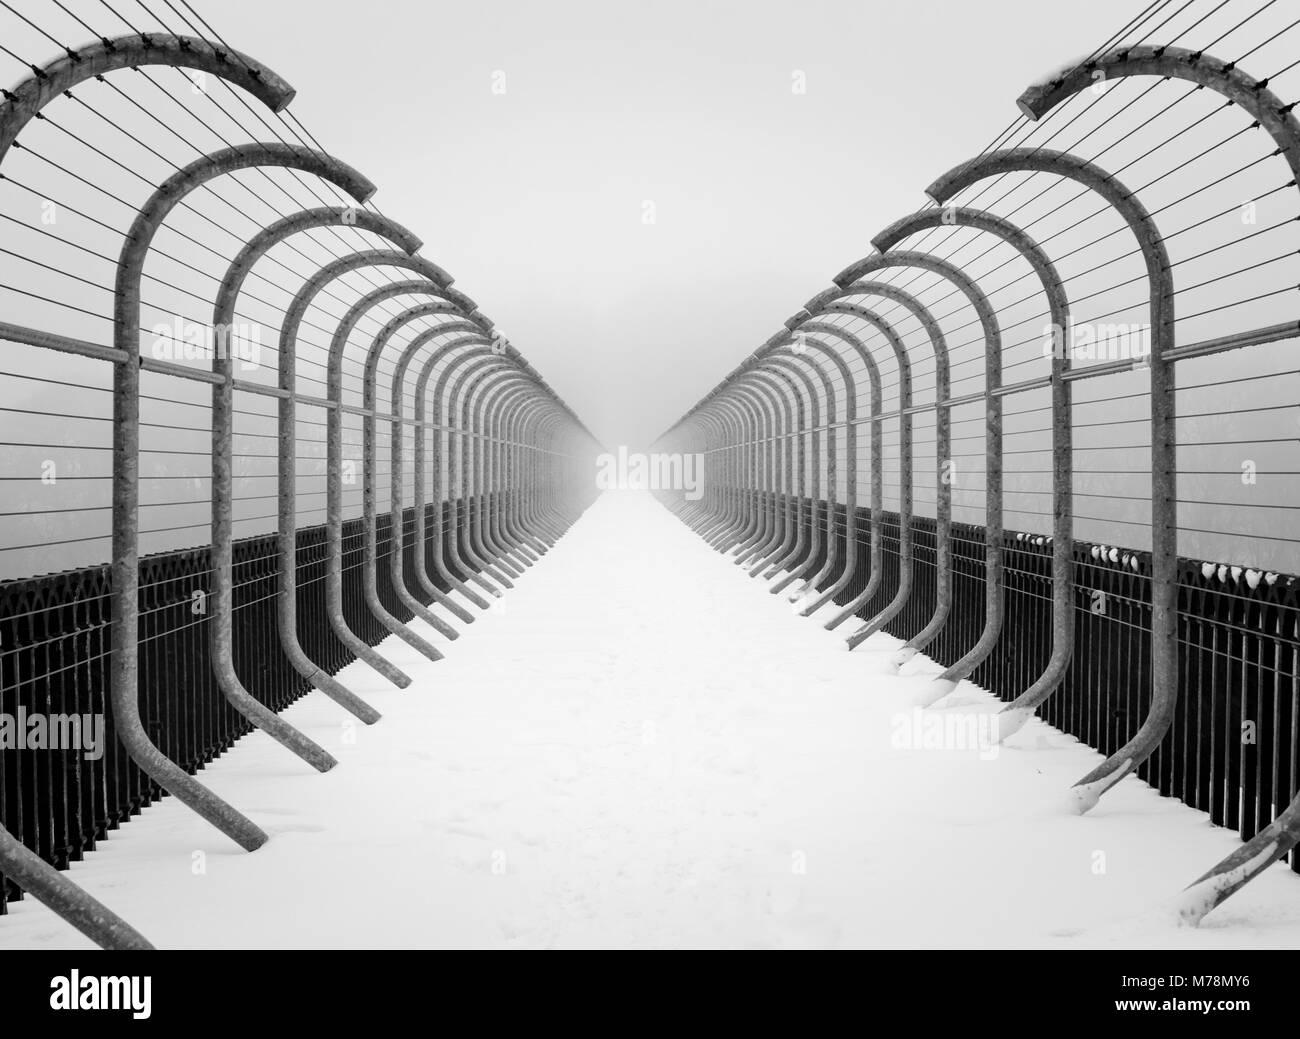 Tunnel wie perspektivische Ansicht von anti Selbstmord Barrieren auf Brücke in misty Winterlandschaft minimalistischen Stockfoto